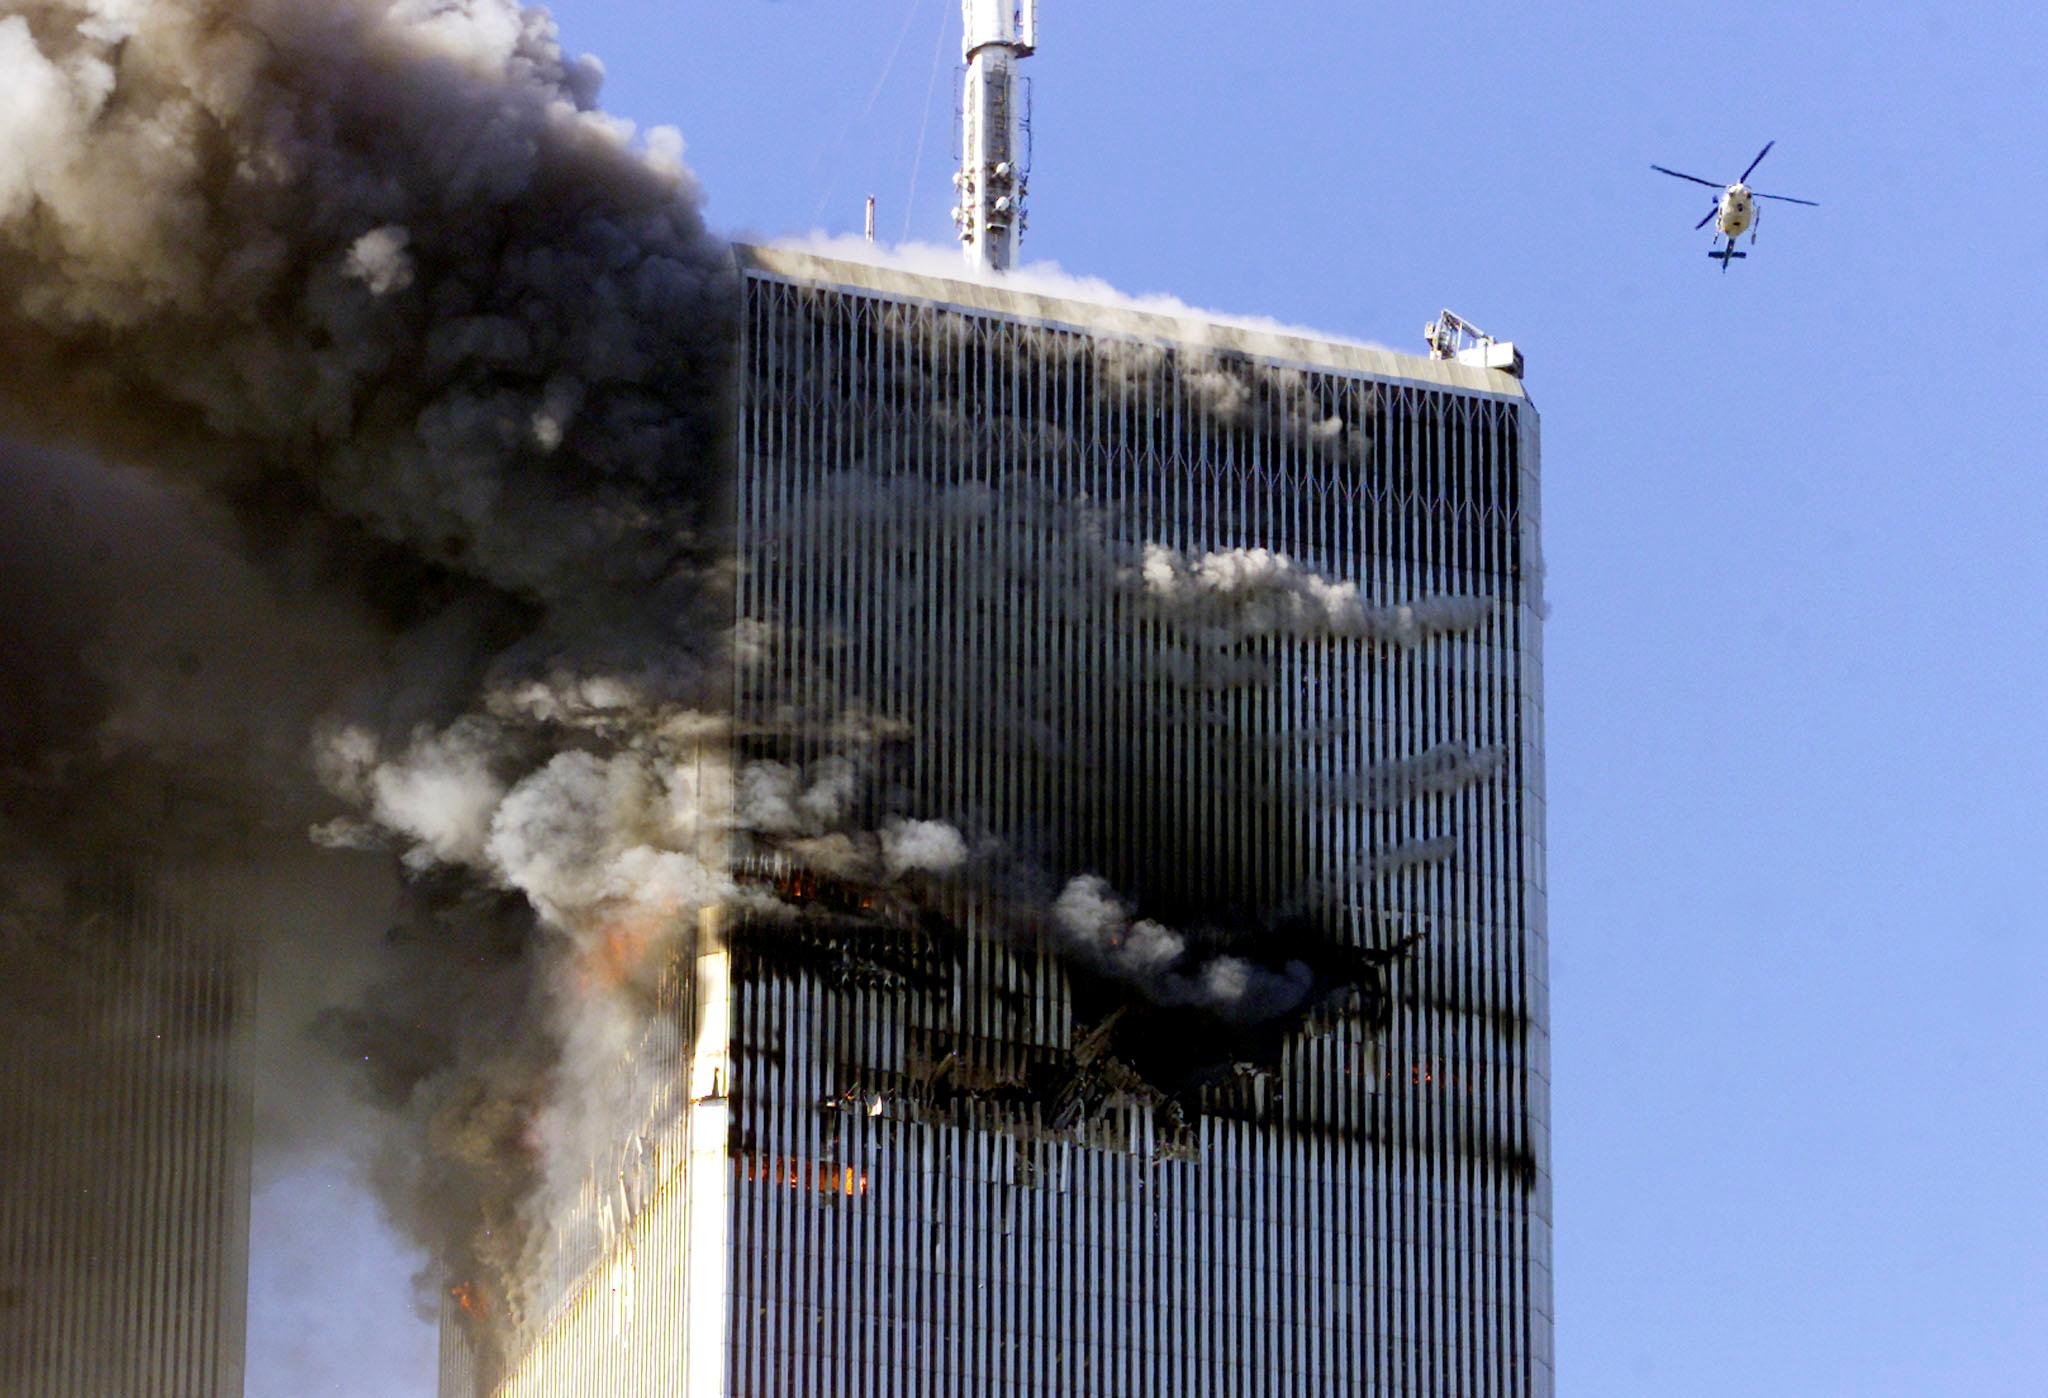 11η Σεπτεμβρίου – Δίδυμοι Πύργοι: Οι ΗΠΑ τίμησαν τη μνήμη των 3.000 νεκρών των τρομοκρατικών επιθέσεων